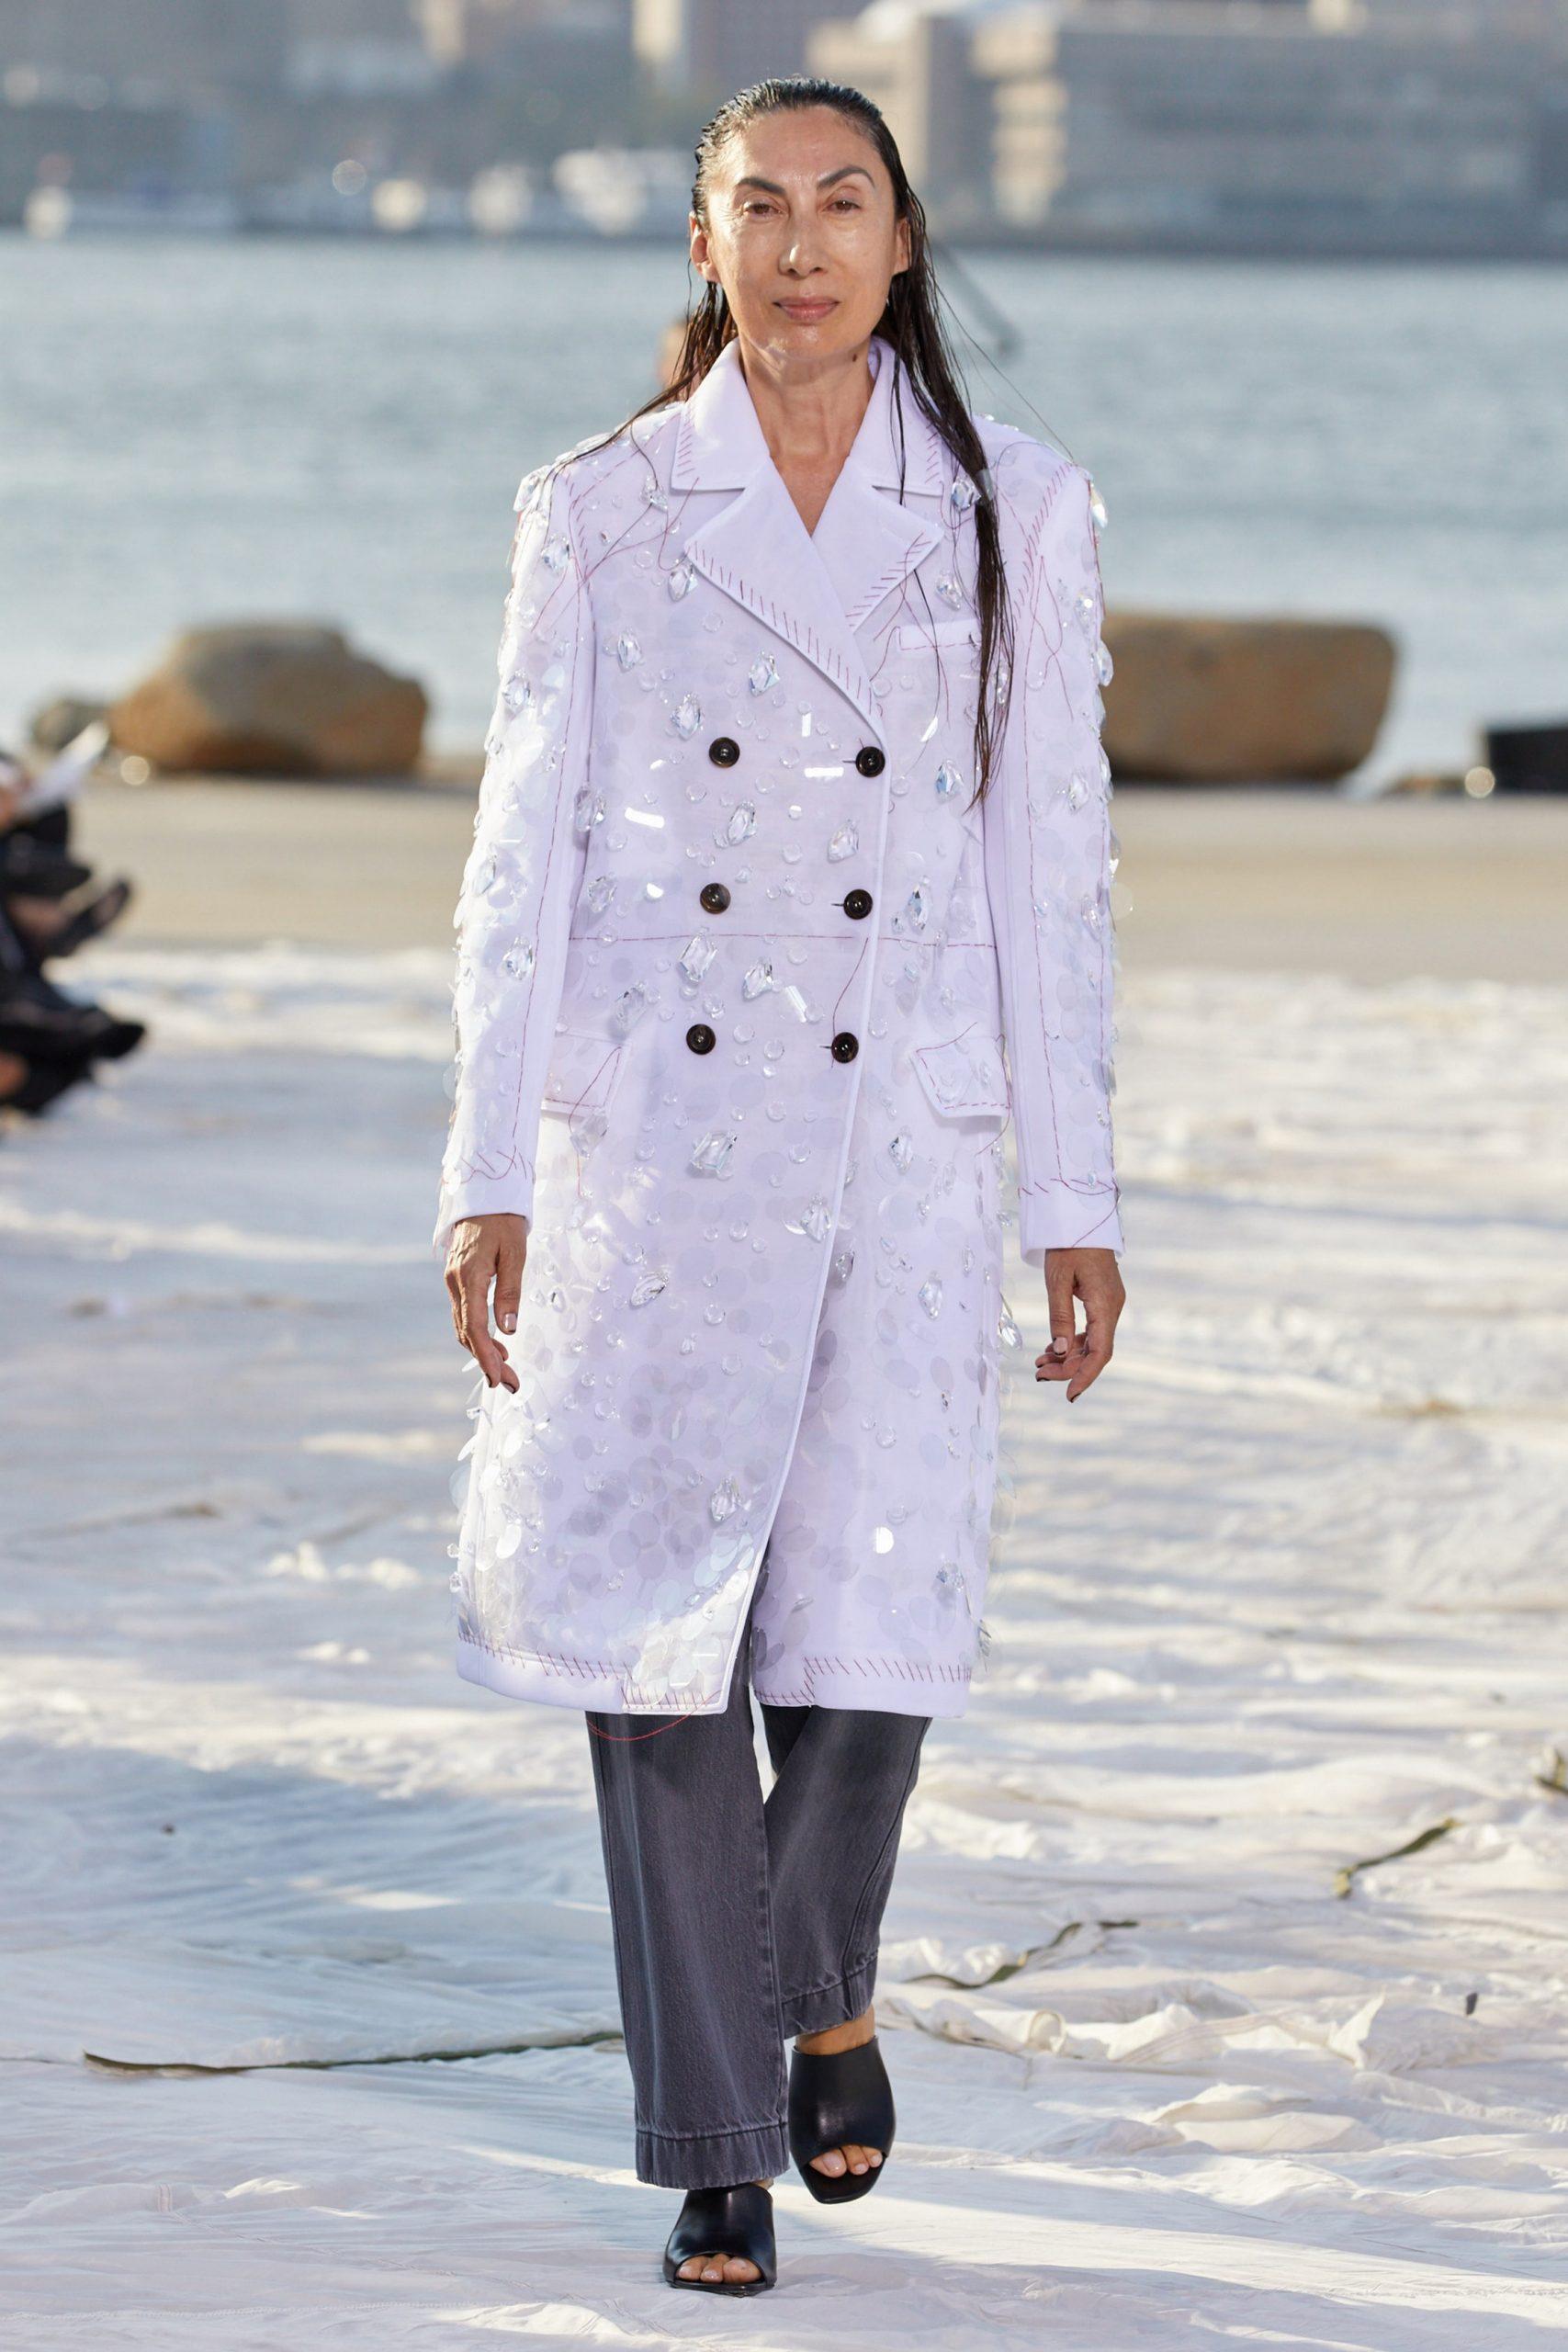 Ánh Dương trench coat